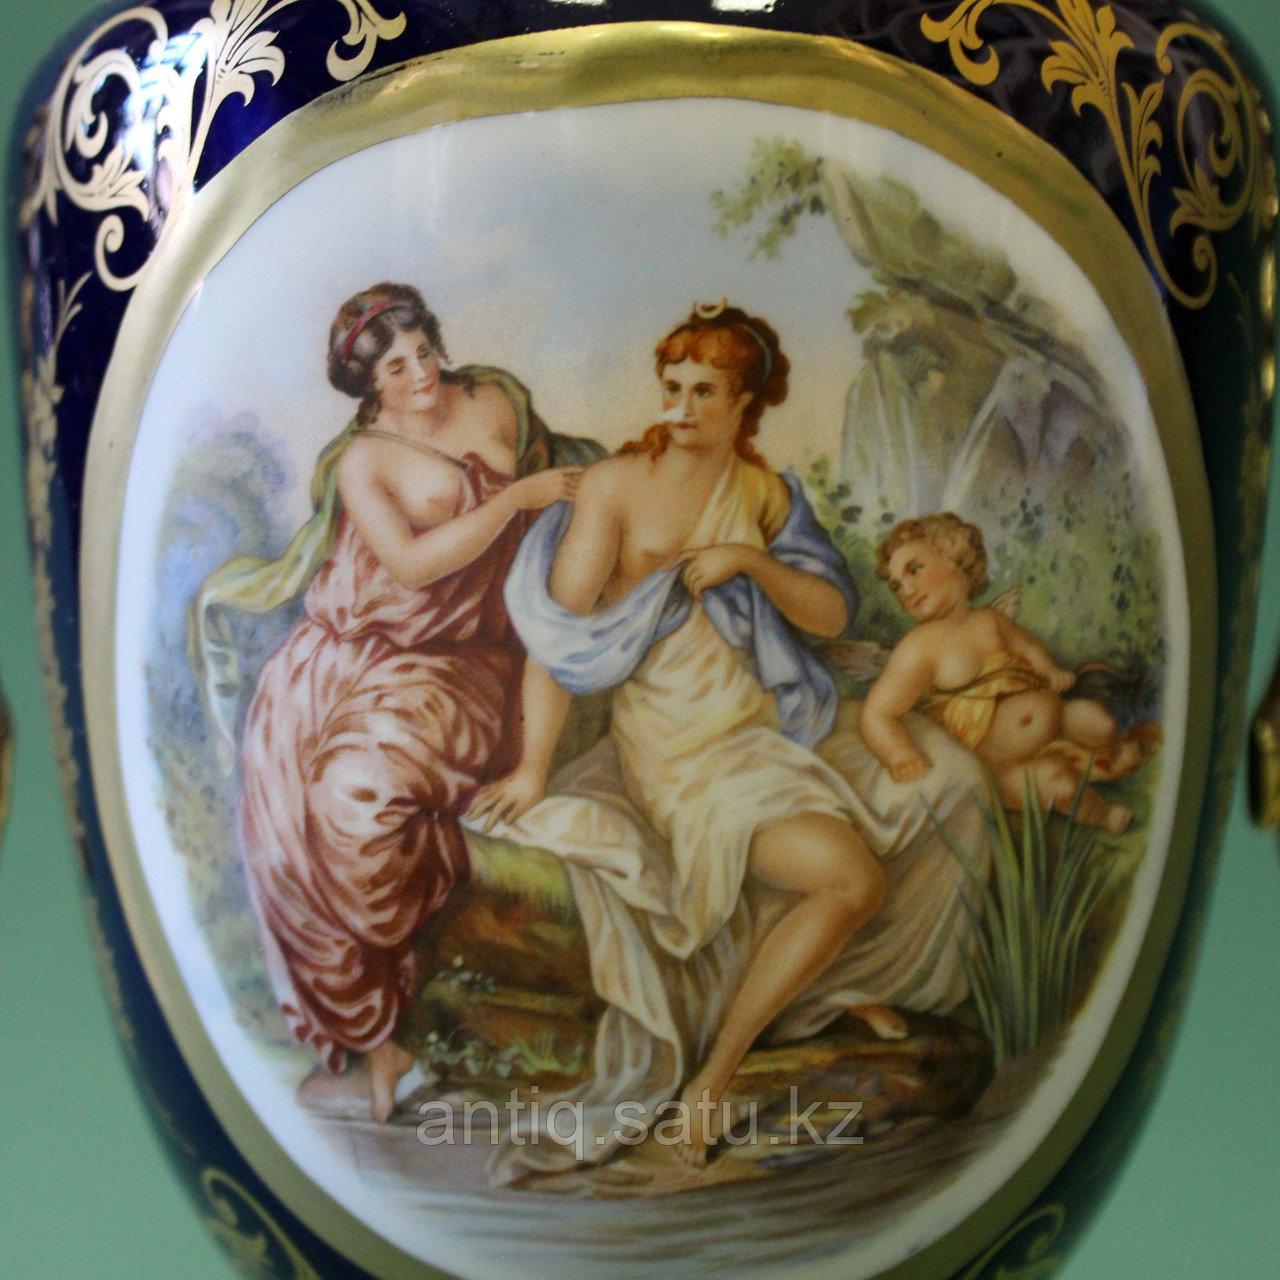 Парадная ваза в стиле Севр. Мануфактура LUMEDART - фото 4